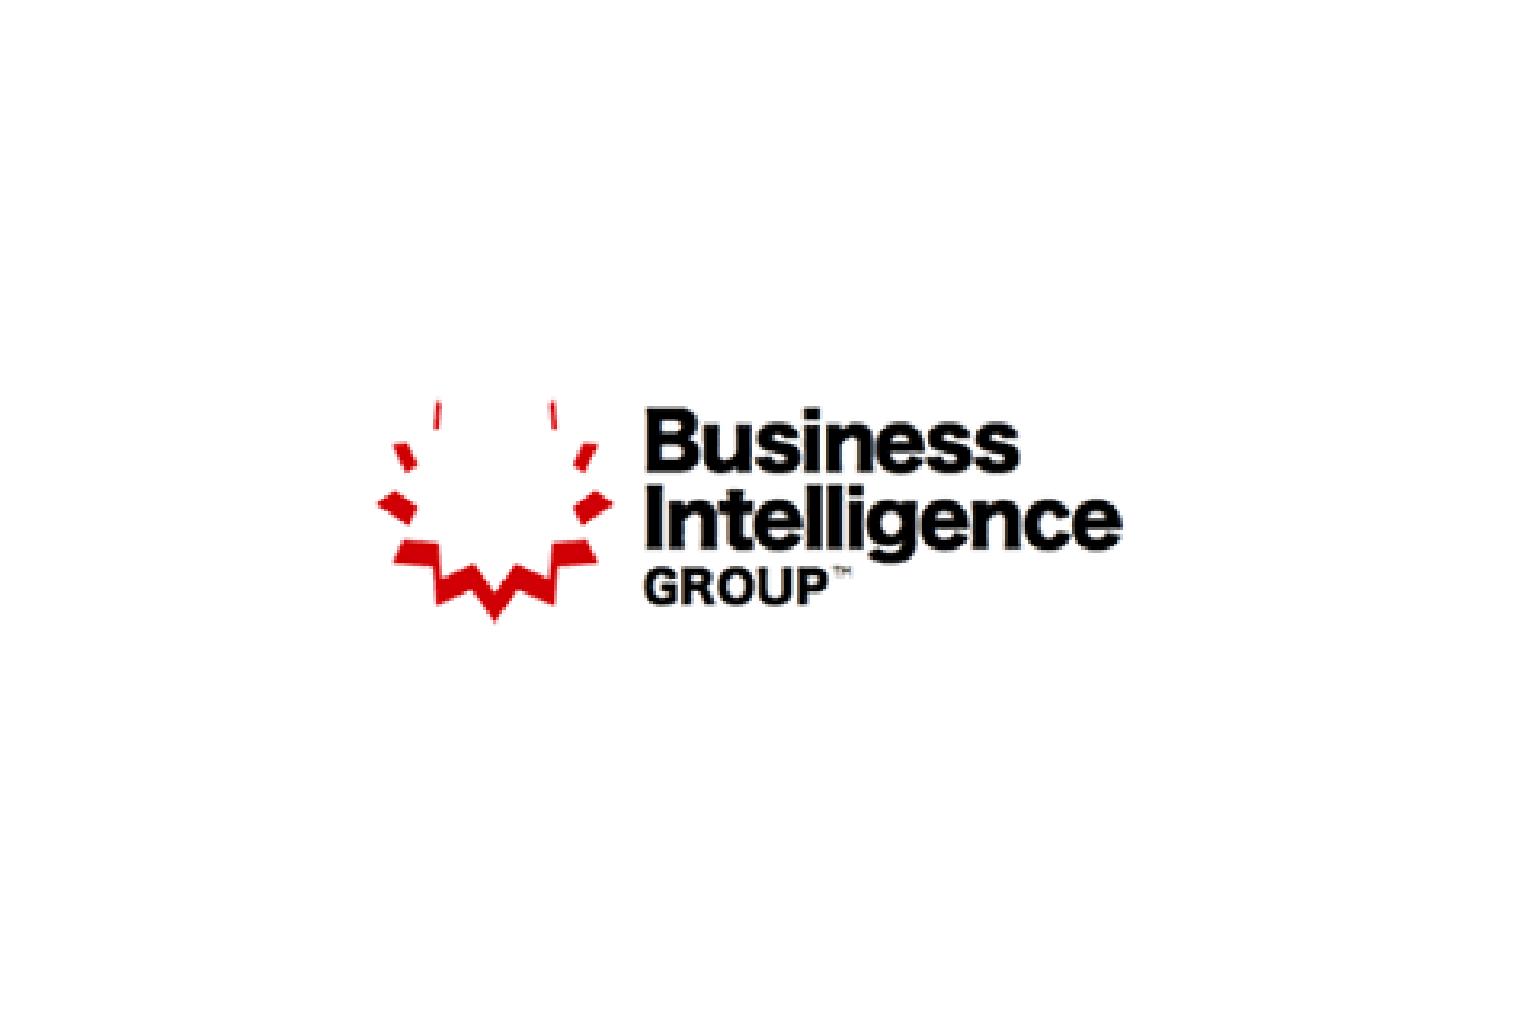 Business Intelligence Group image